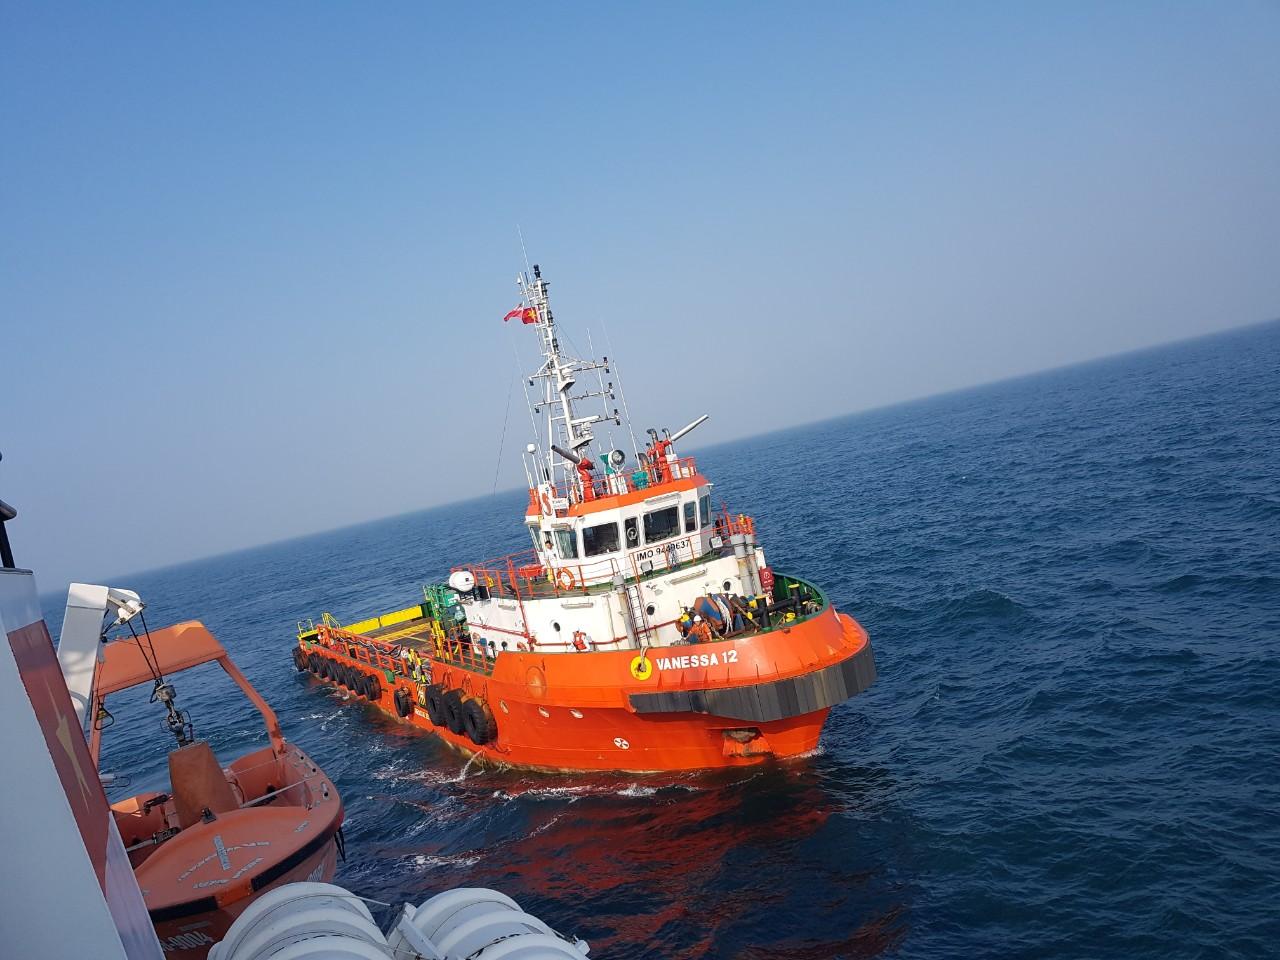 Tàu Vanessa 12 đã phối hợp với tàu biên phòng BP 030802 cứu được 6 thuyền viên tàu Phương Nam bị chìm lúc 6h45' ngày 09/5/2019